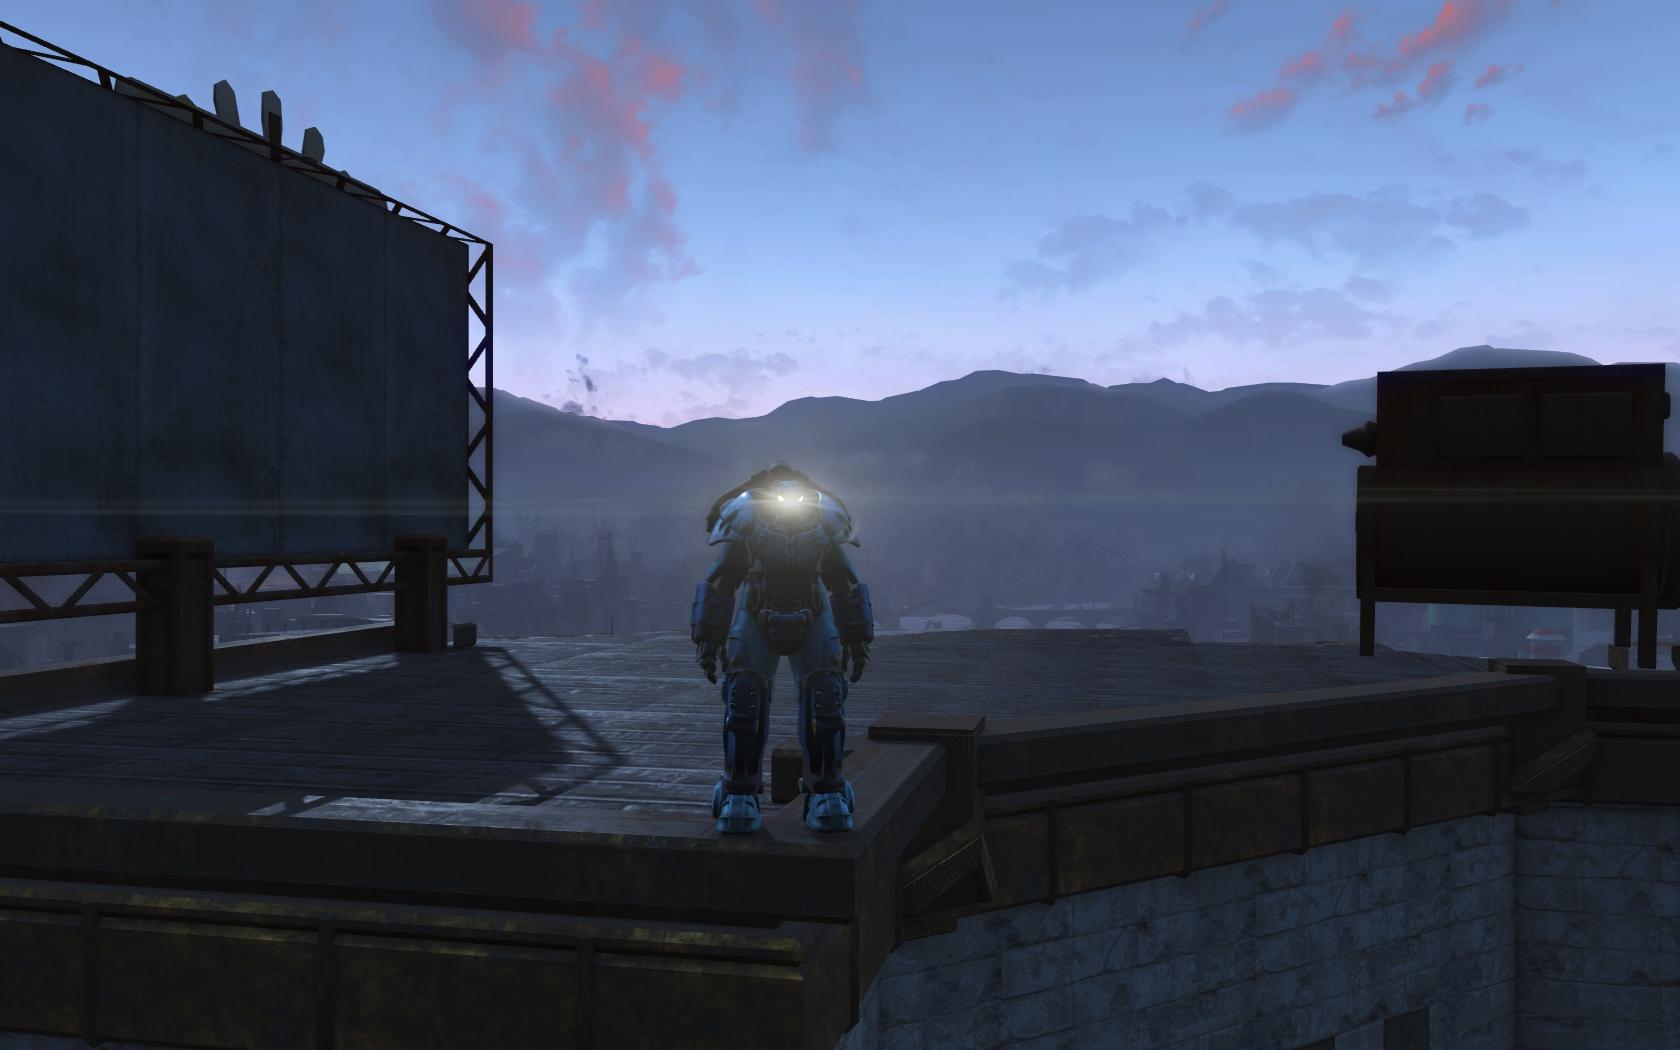 ГГ (на крыше Здания Бостон бьюгл) - Fallout 4 Бостон бьюгл, Здание Бостон бьюгл, Персонаж, Силовая броня